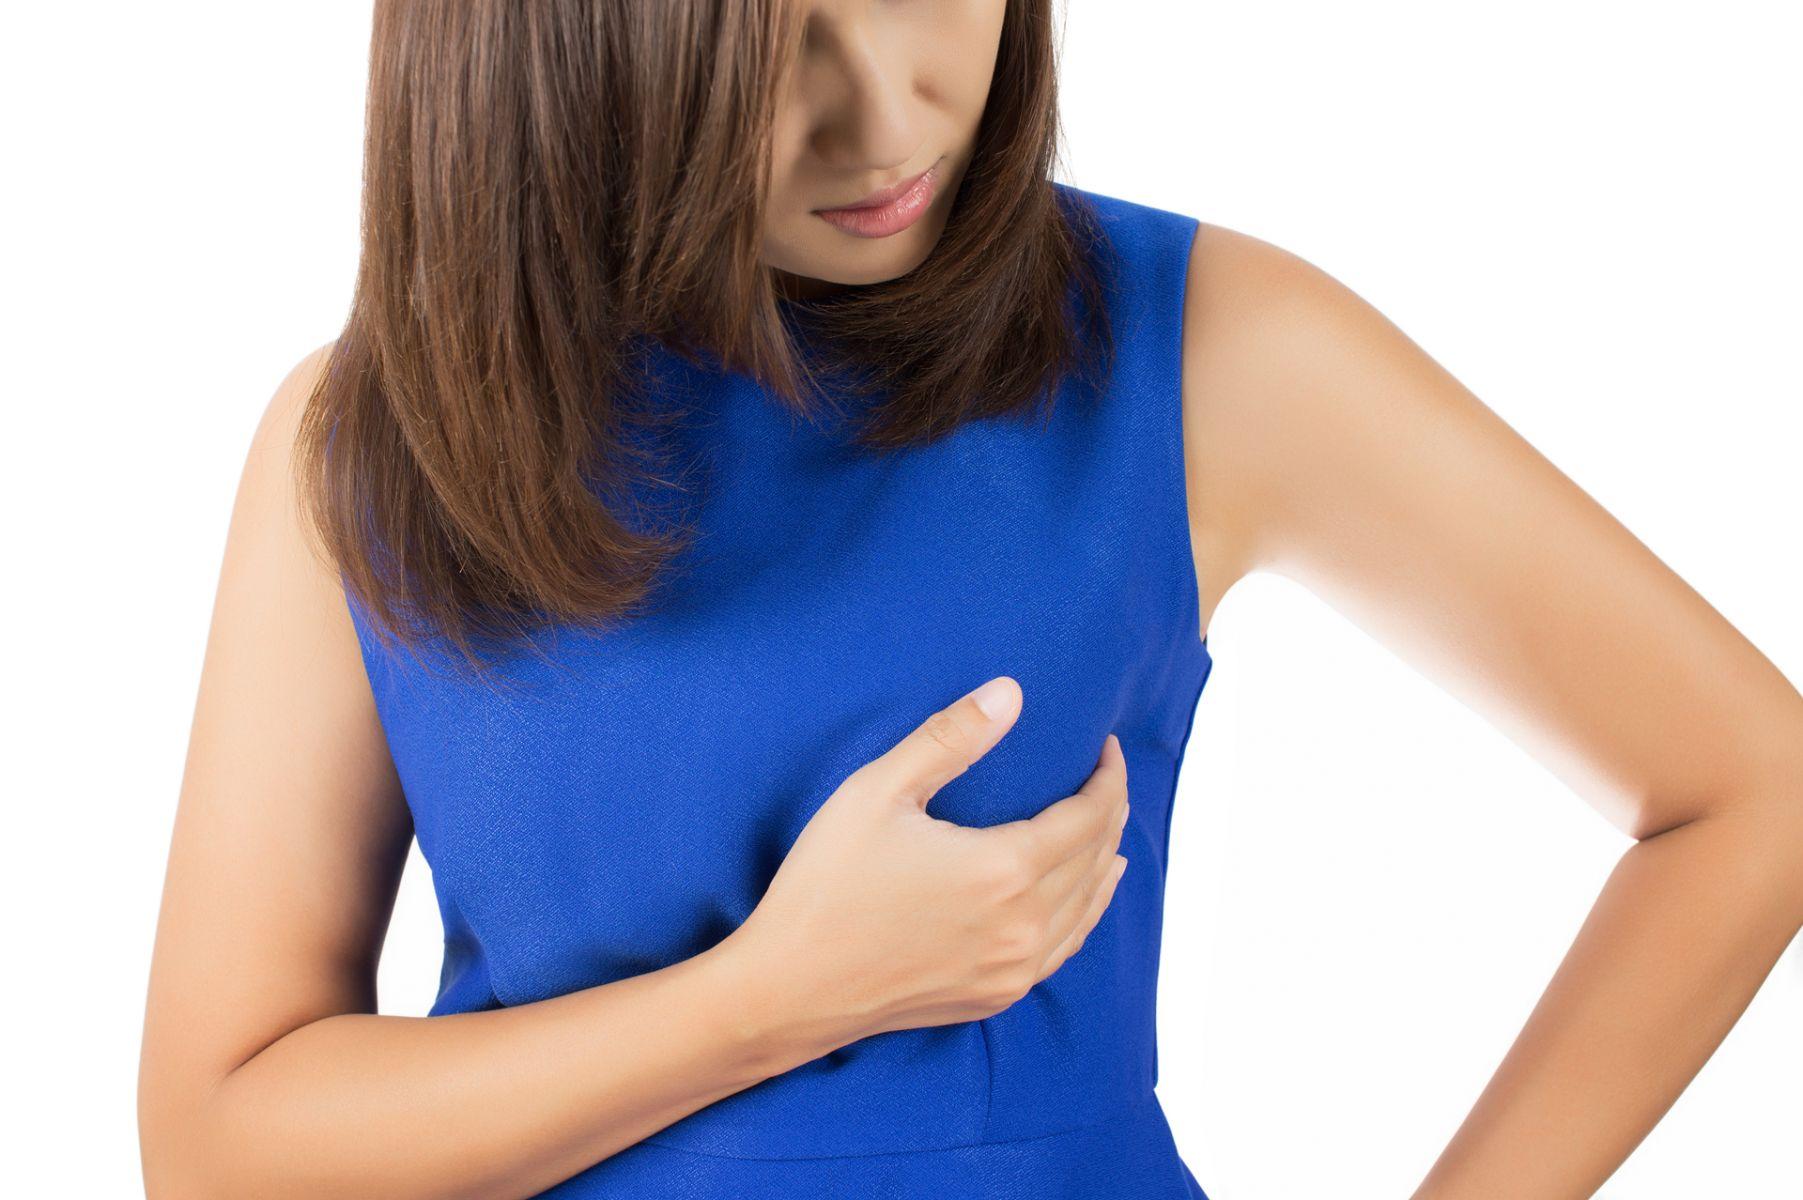 乳房有硬塊別忌諱就醫!及早治療成效好